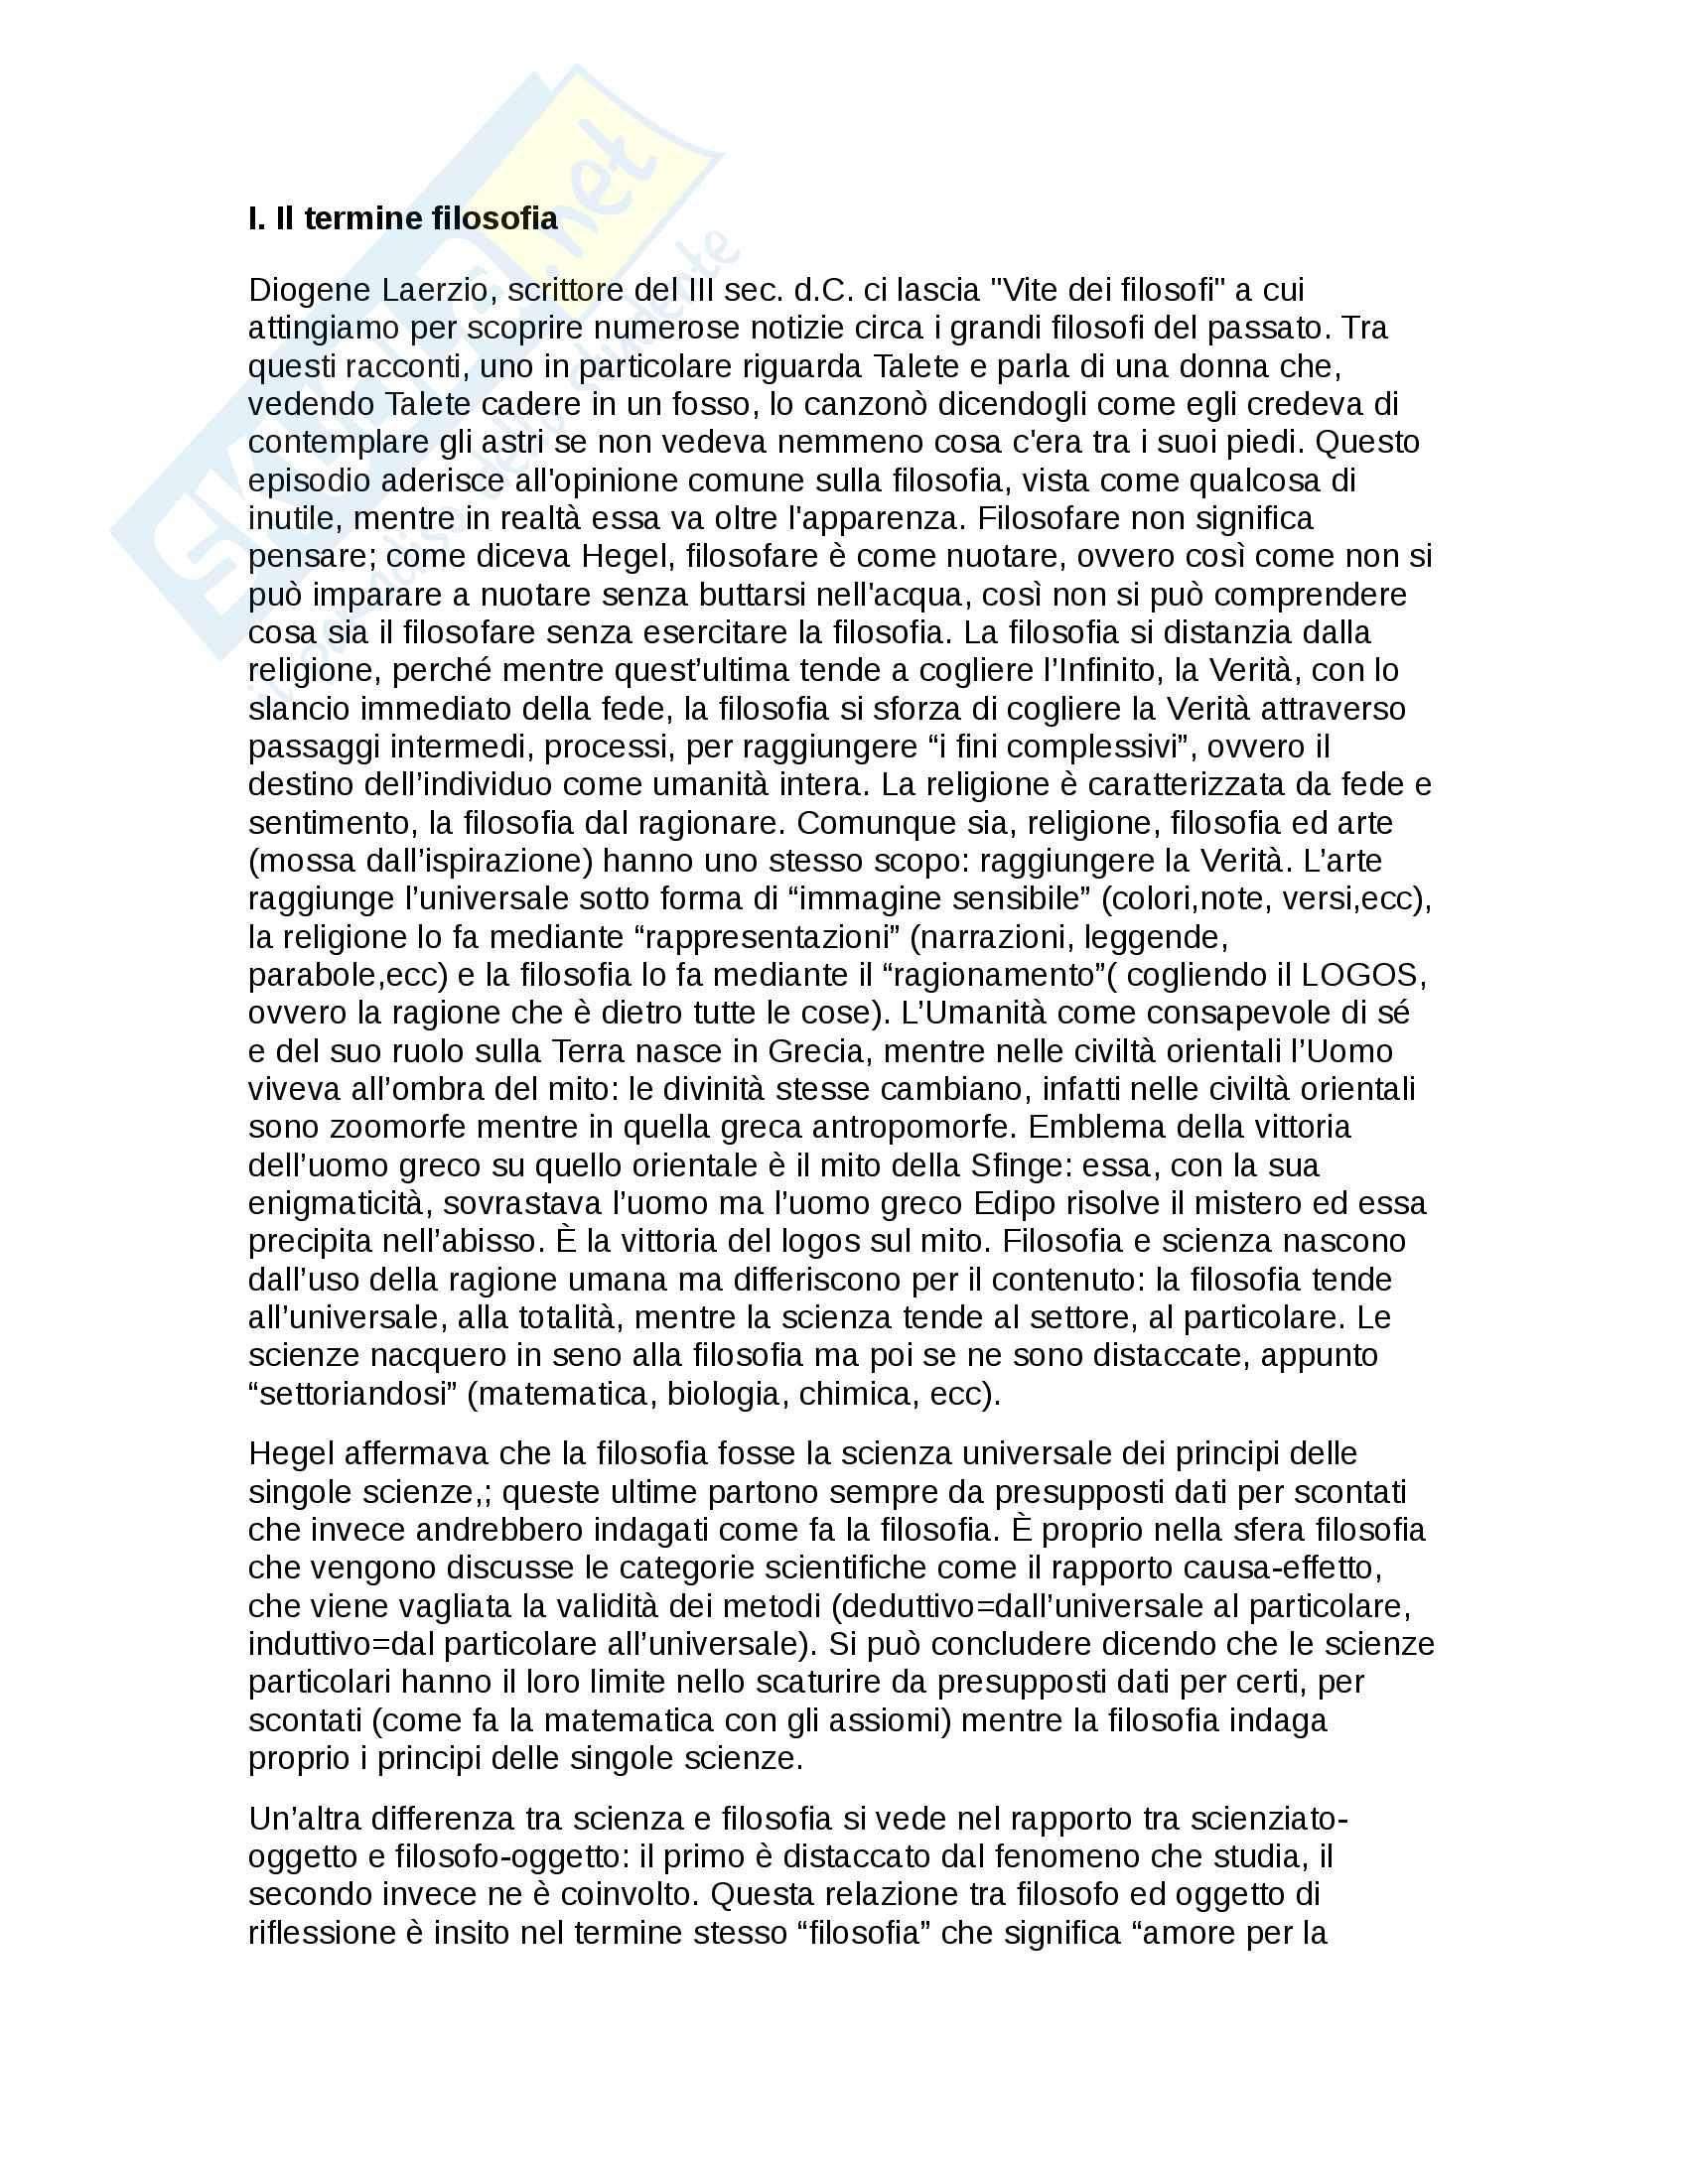 appunto A. Gargano Storia della filosofia